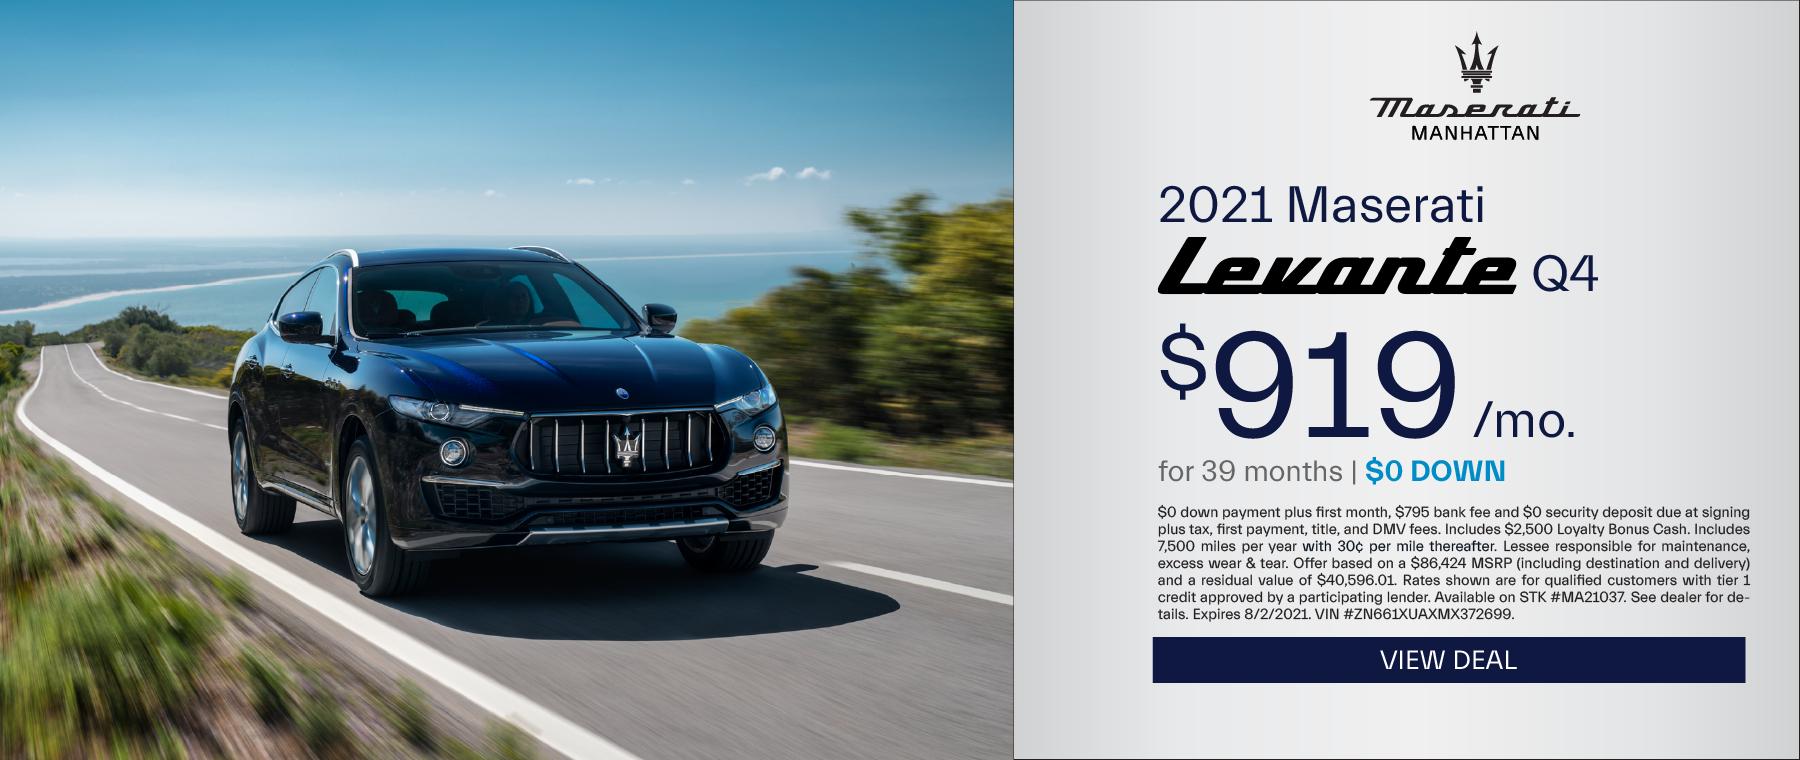 Maserati of Manhattan – 2021 Levante Q4 – July 2021